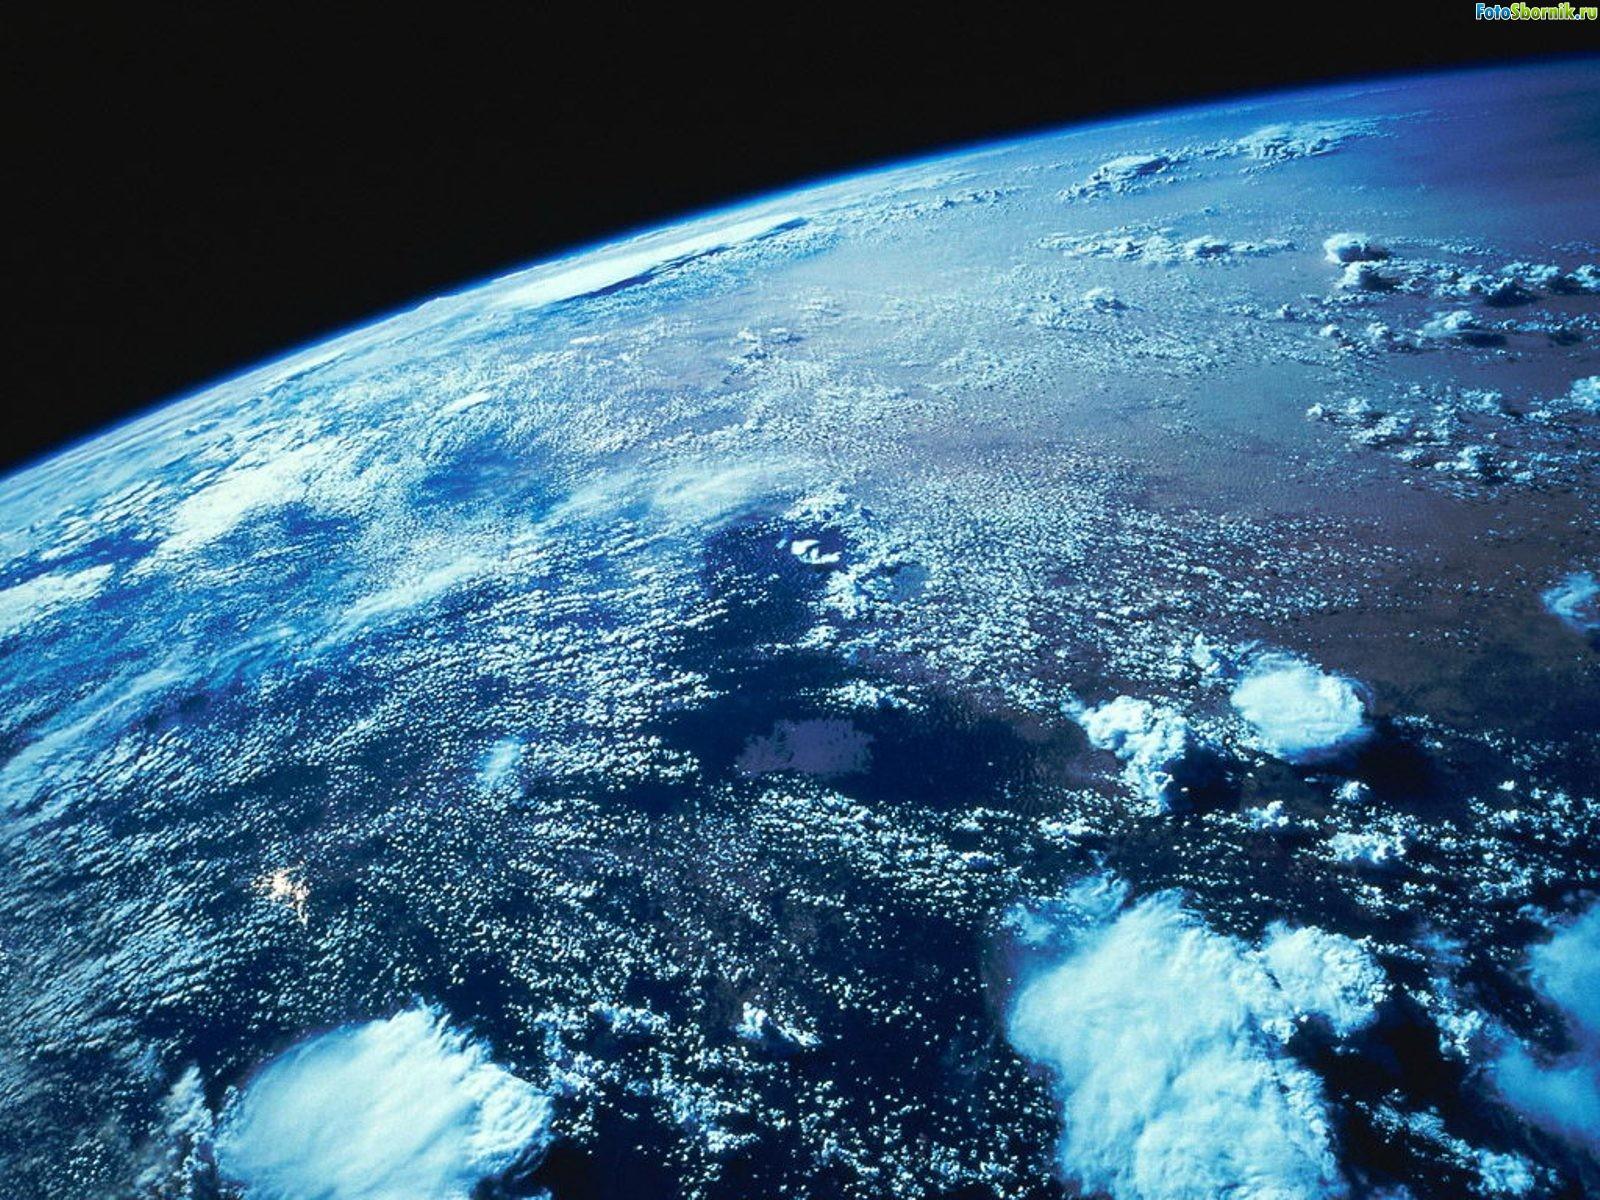 настоящие снимки с космоса урок, как сделать